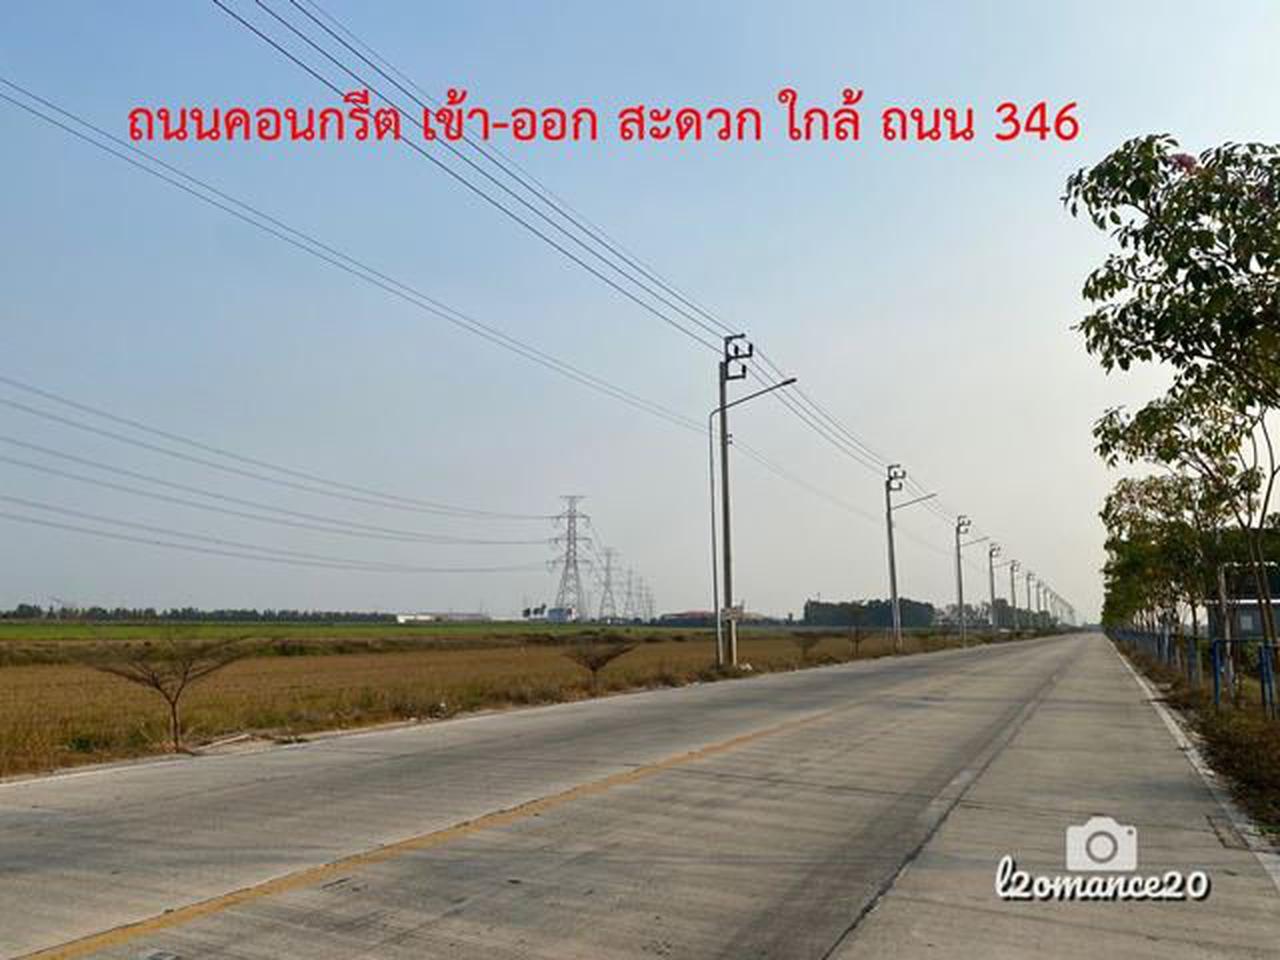 S301 ที่ดินแบ่งขาย 10 ไร่ ถมฟรี ราคา 4 ล้านบาท/ไร่ ขายที่ดินนนทบุรี รูปที่ 2